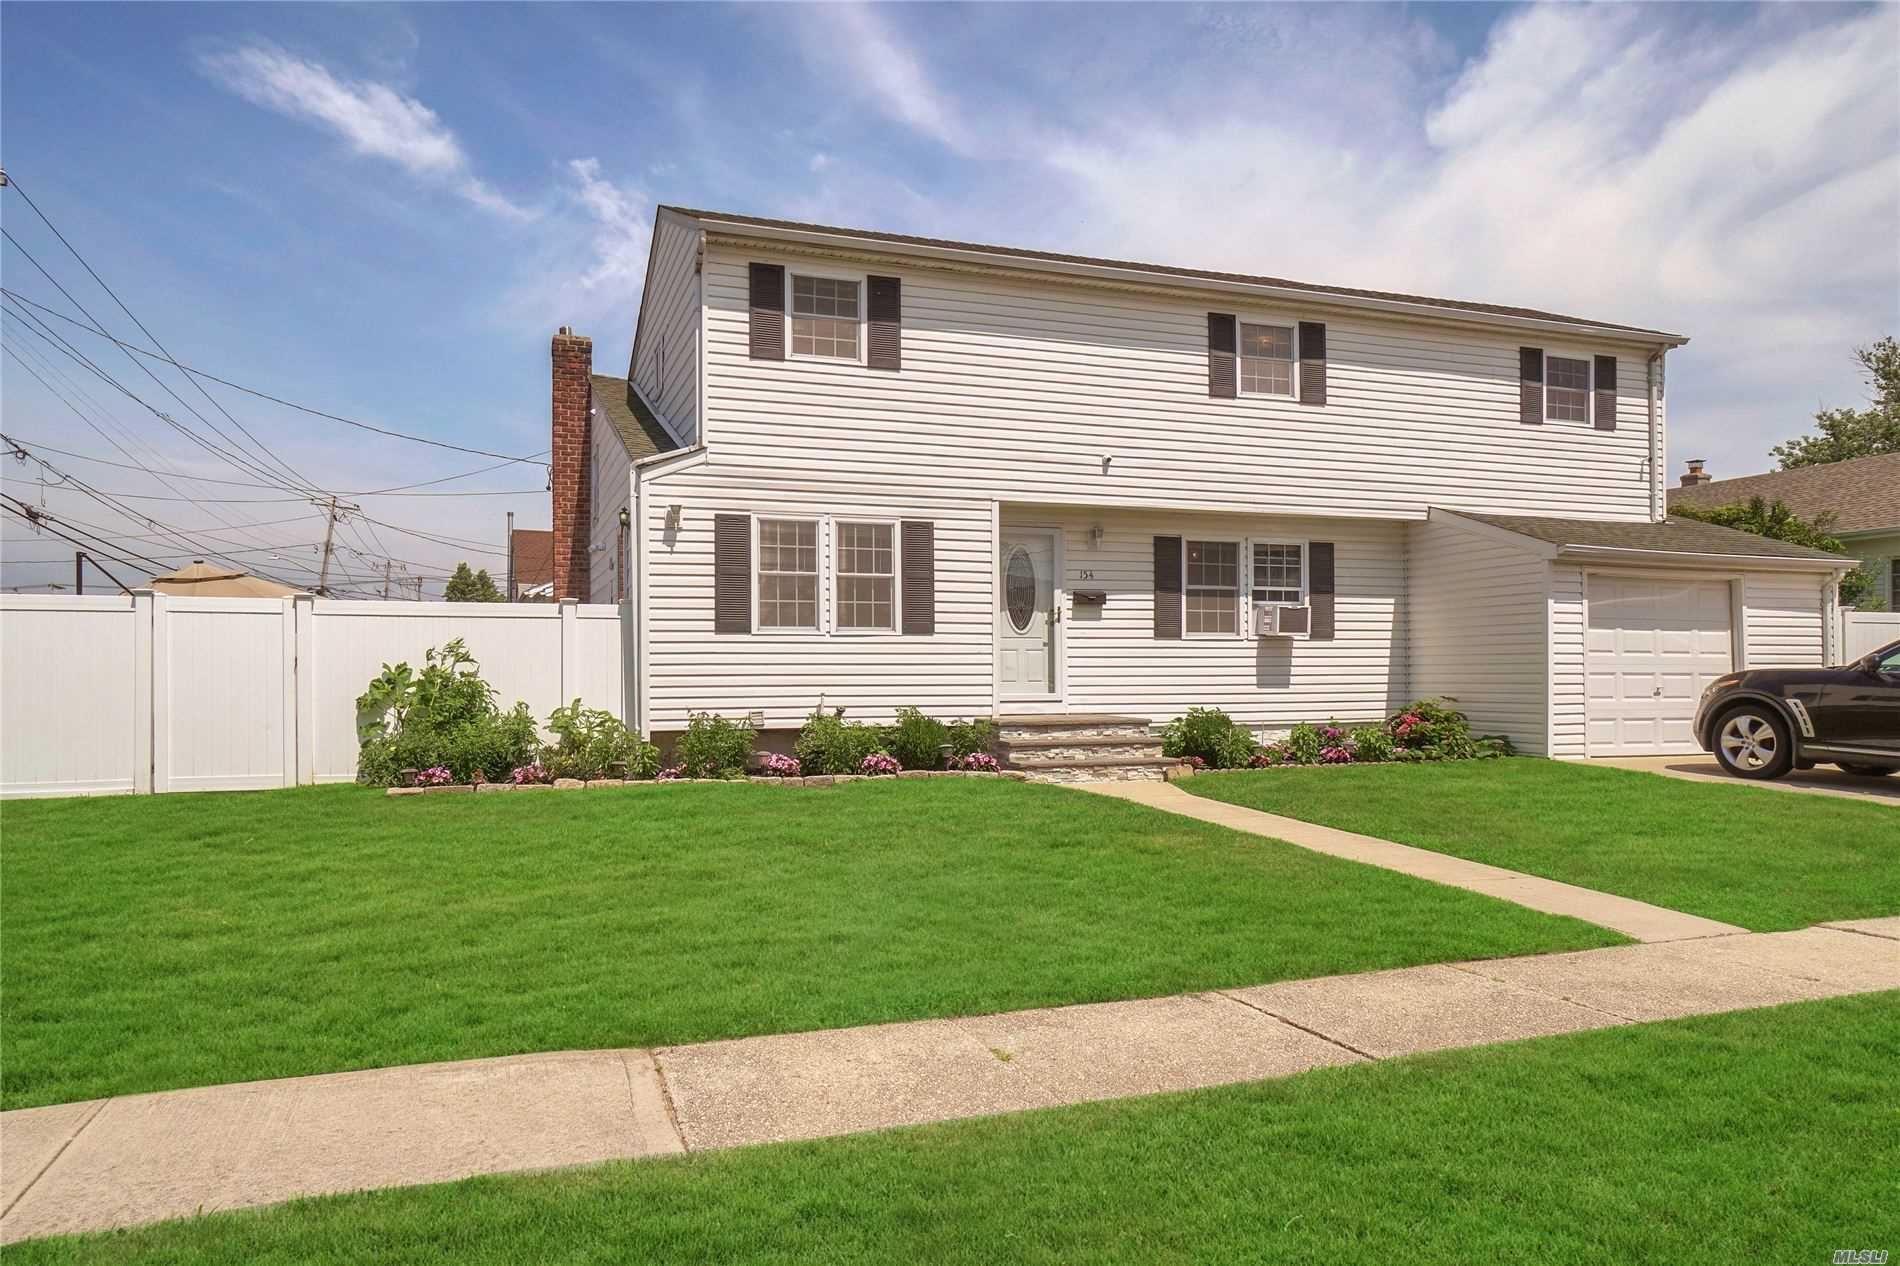 154 W Belle Terre Ave, Lindenhurst, NY 11757 - MLS#: 3239373